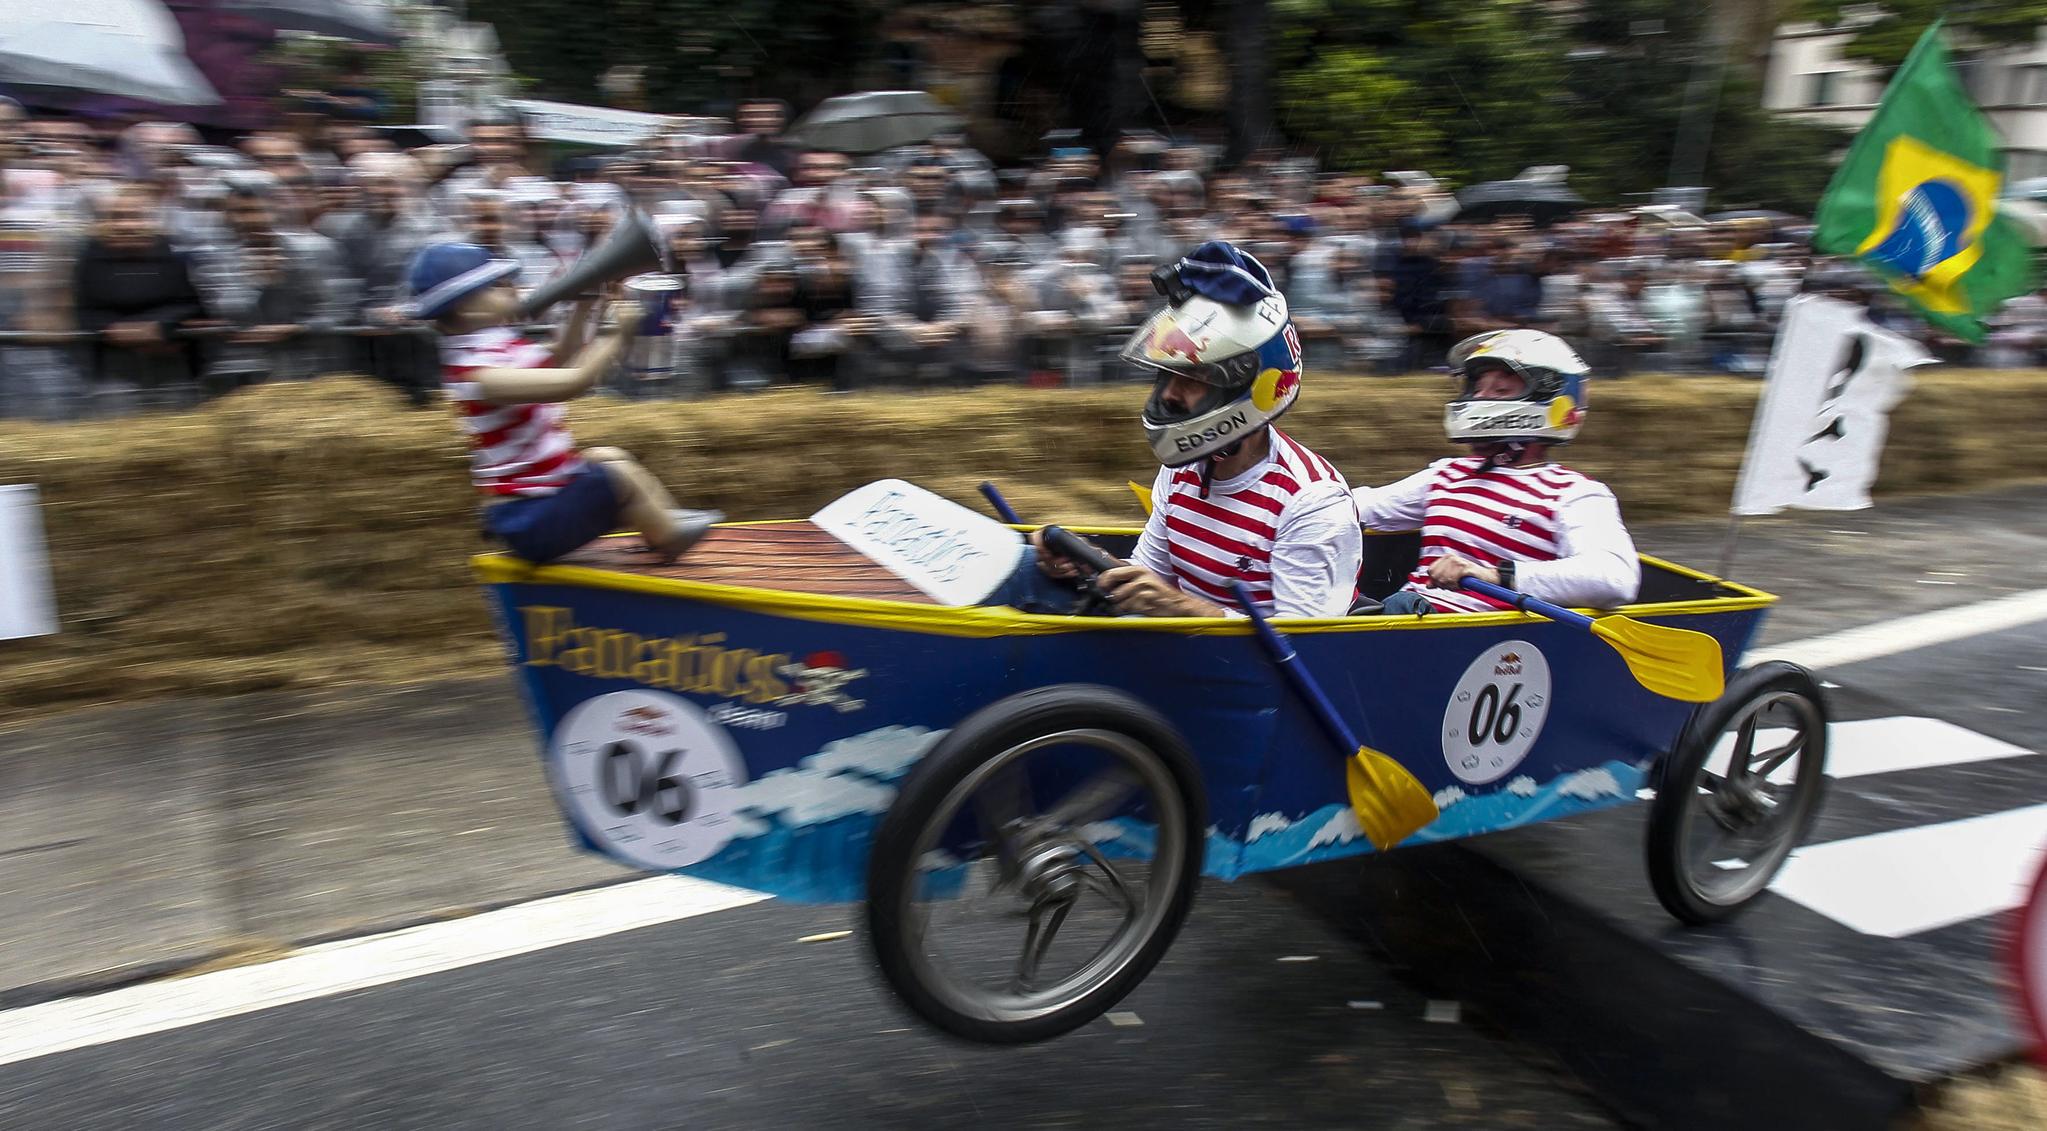 해적선 모양의 차를 탄 참가자들이 14일(현지시간) 브라질 상파울루에서 열린 '레드불 소프박스 레이스'에서 장애물을 통과하고 있다. [AFP=연합뉴스]